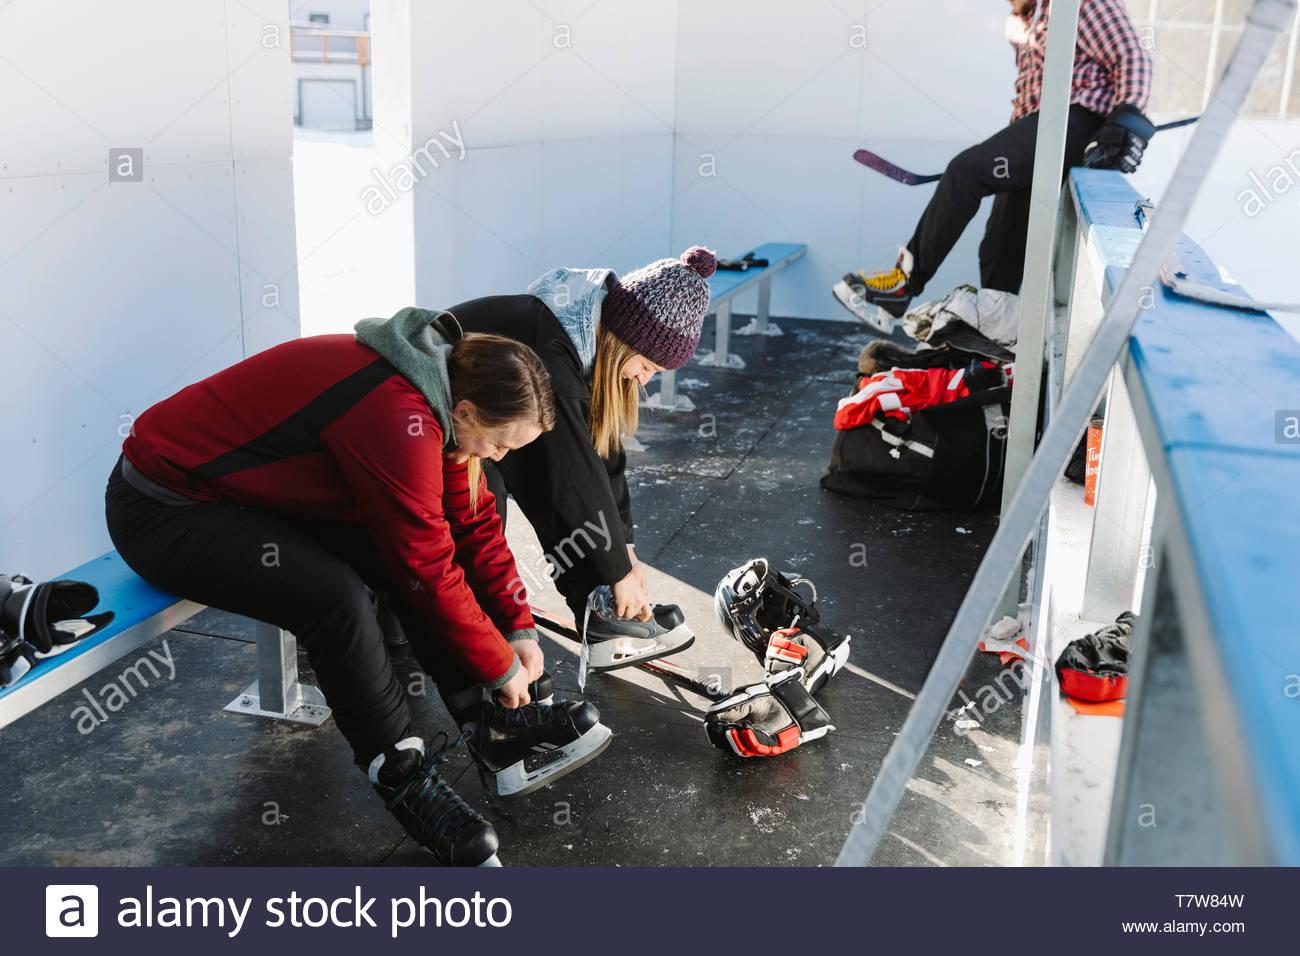 Lier les femmes des patins à glace, préparation pour le hockey sur glace en plein air Photo Stock